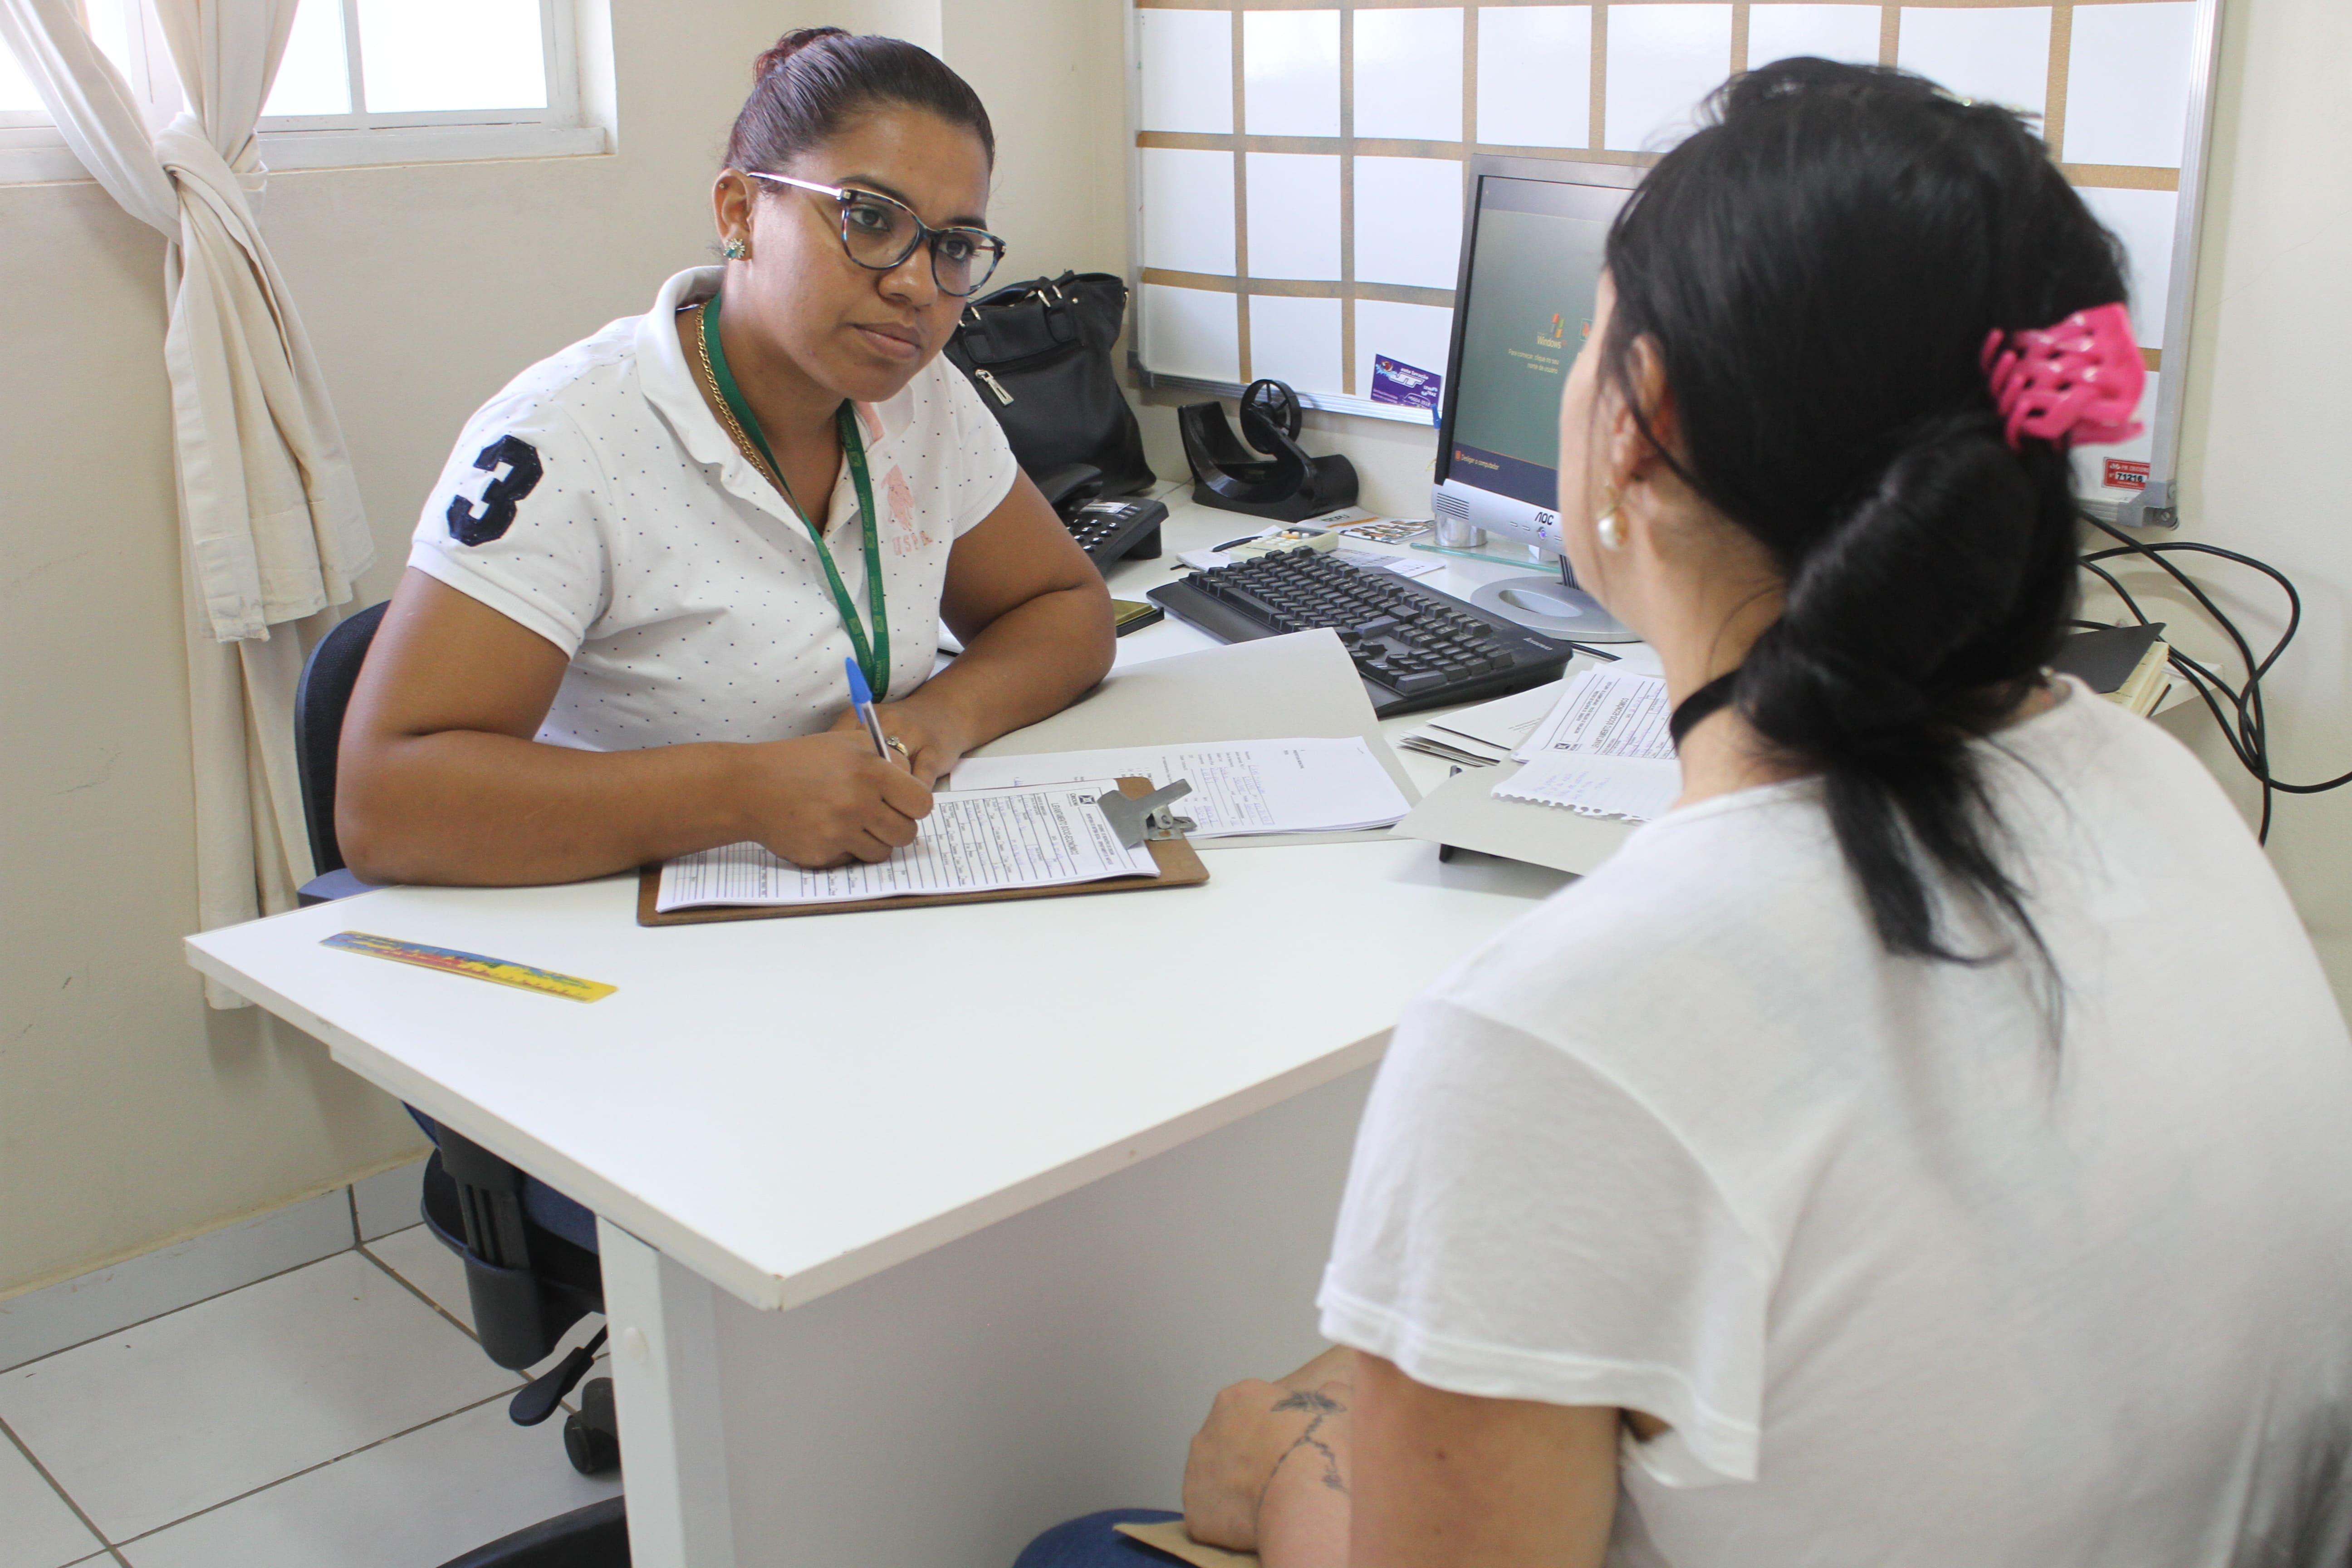 Prefeitura Municipal de Criciúma - Prefeitura promove mutirão de regularização de escrituras de lotes no bairro Cristo Redentor